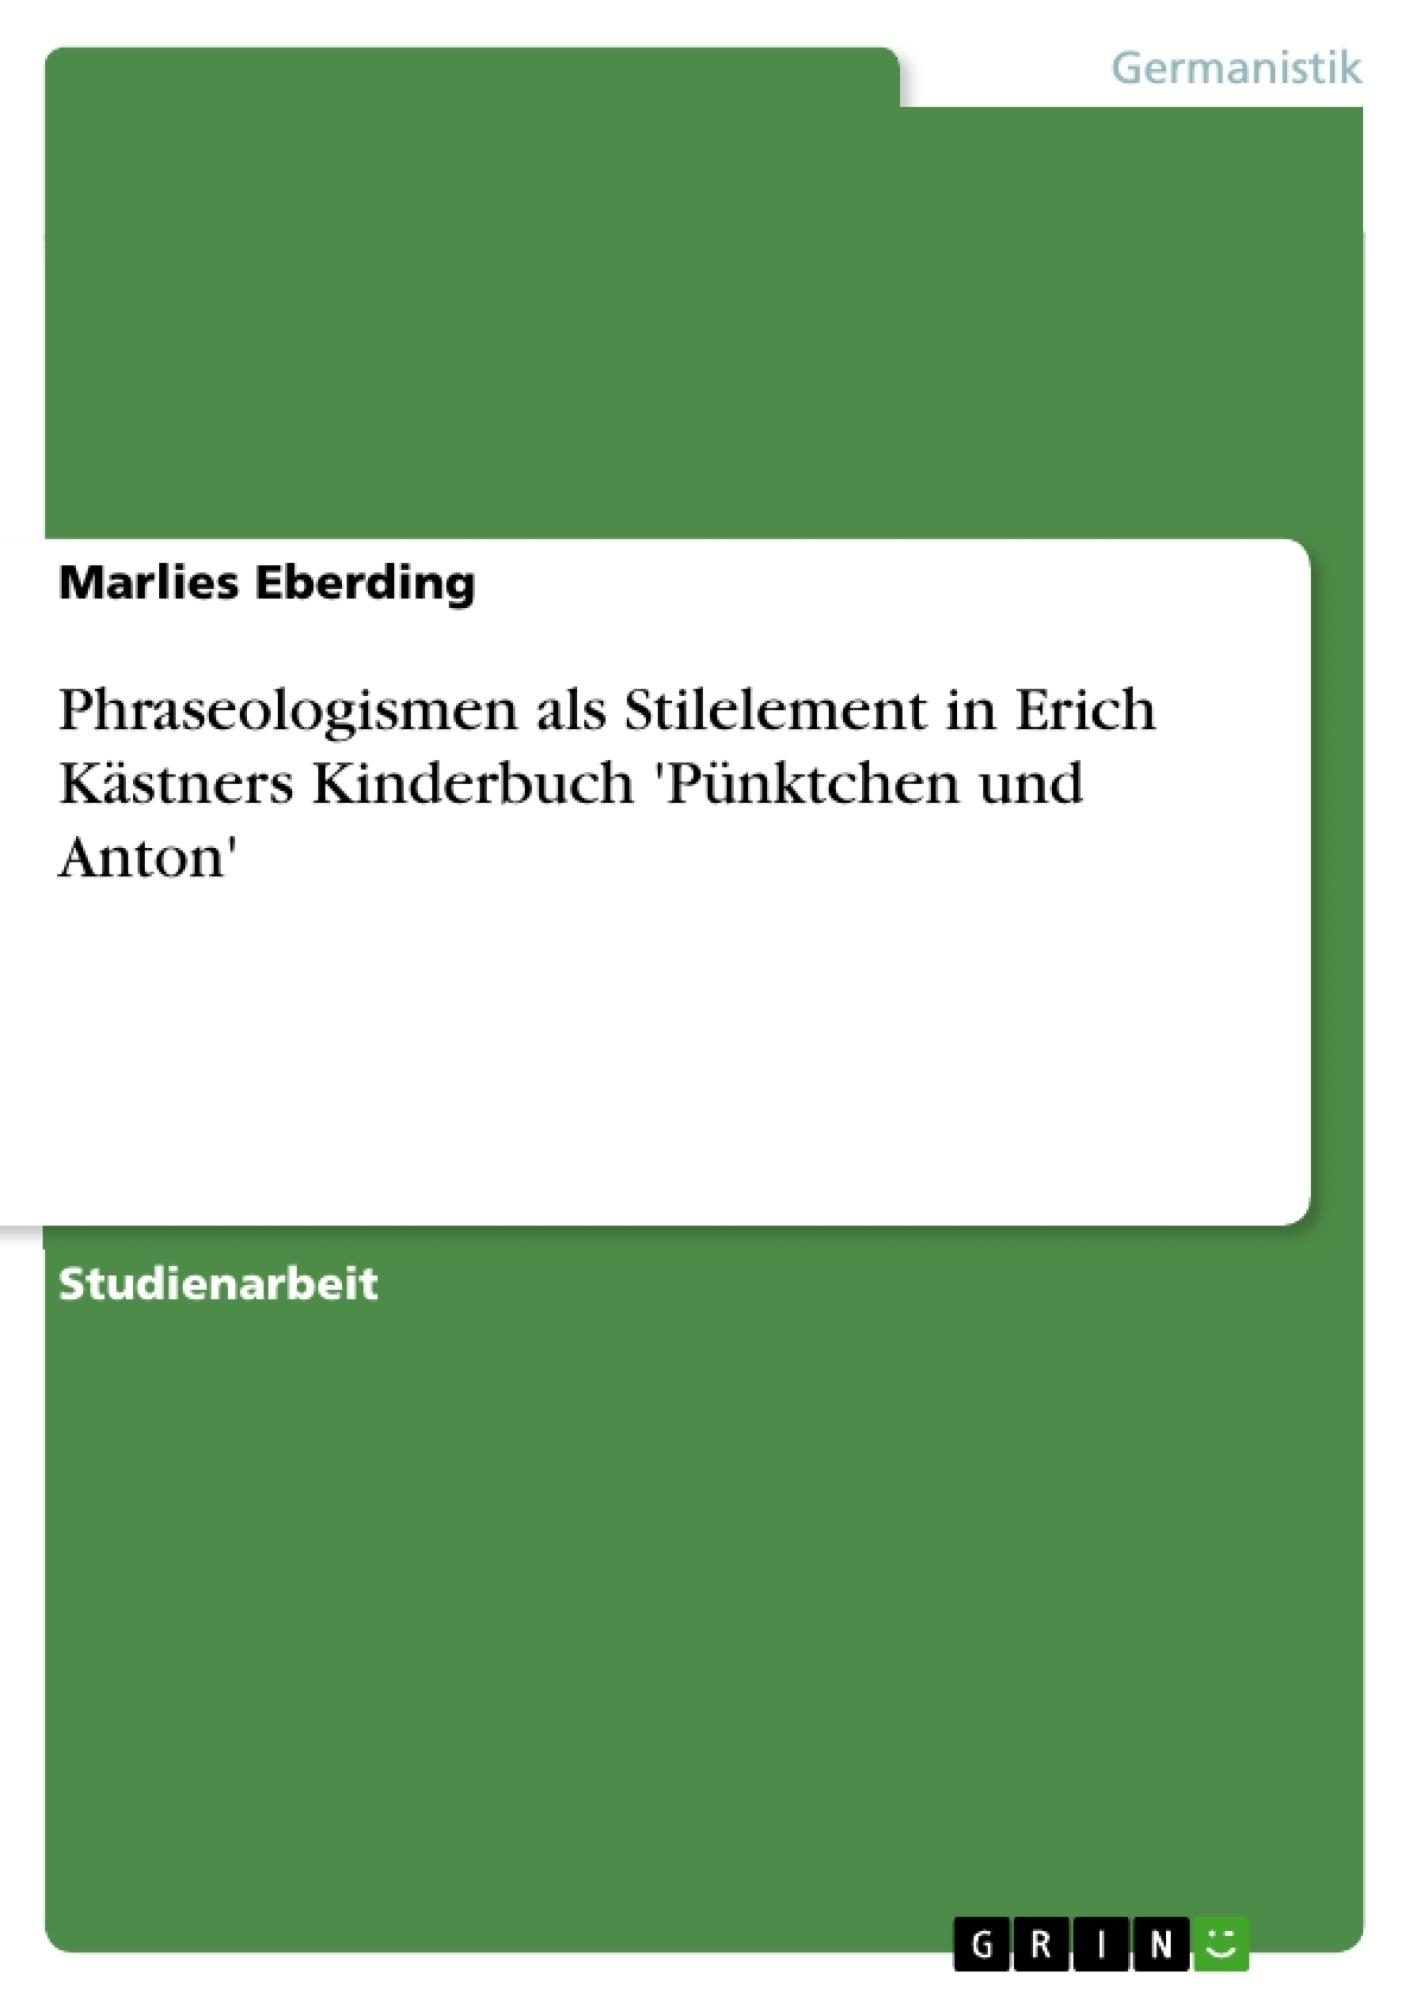 Titel: Phraseologismen als Stilelement in Erich Kästners Kinderbuch 'Pünktchen und Anton'